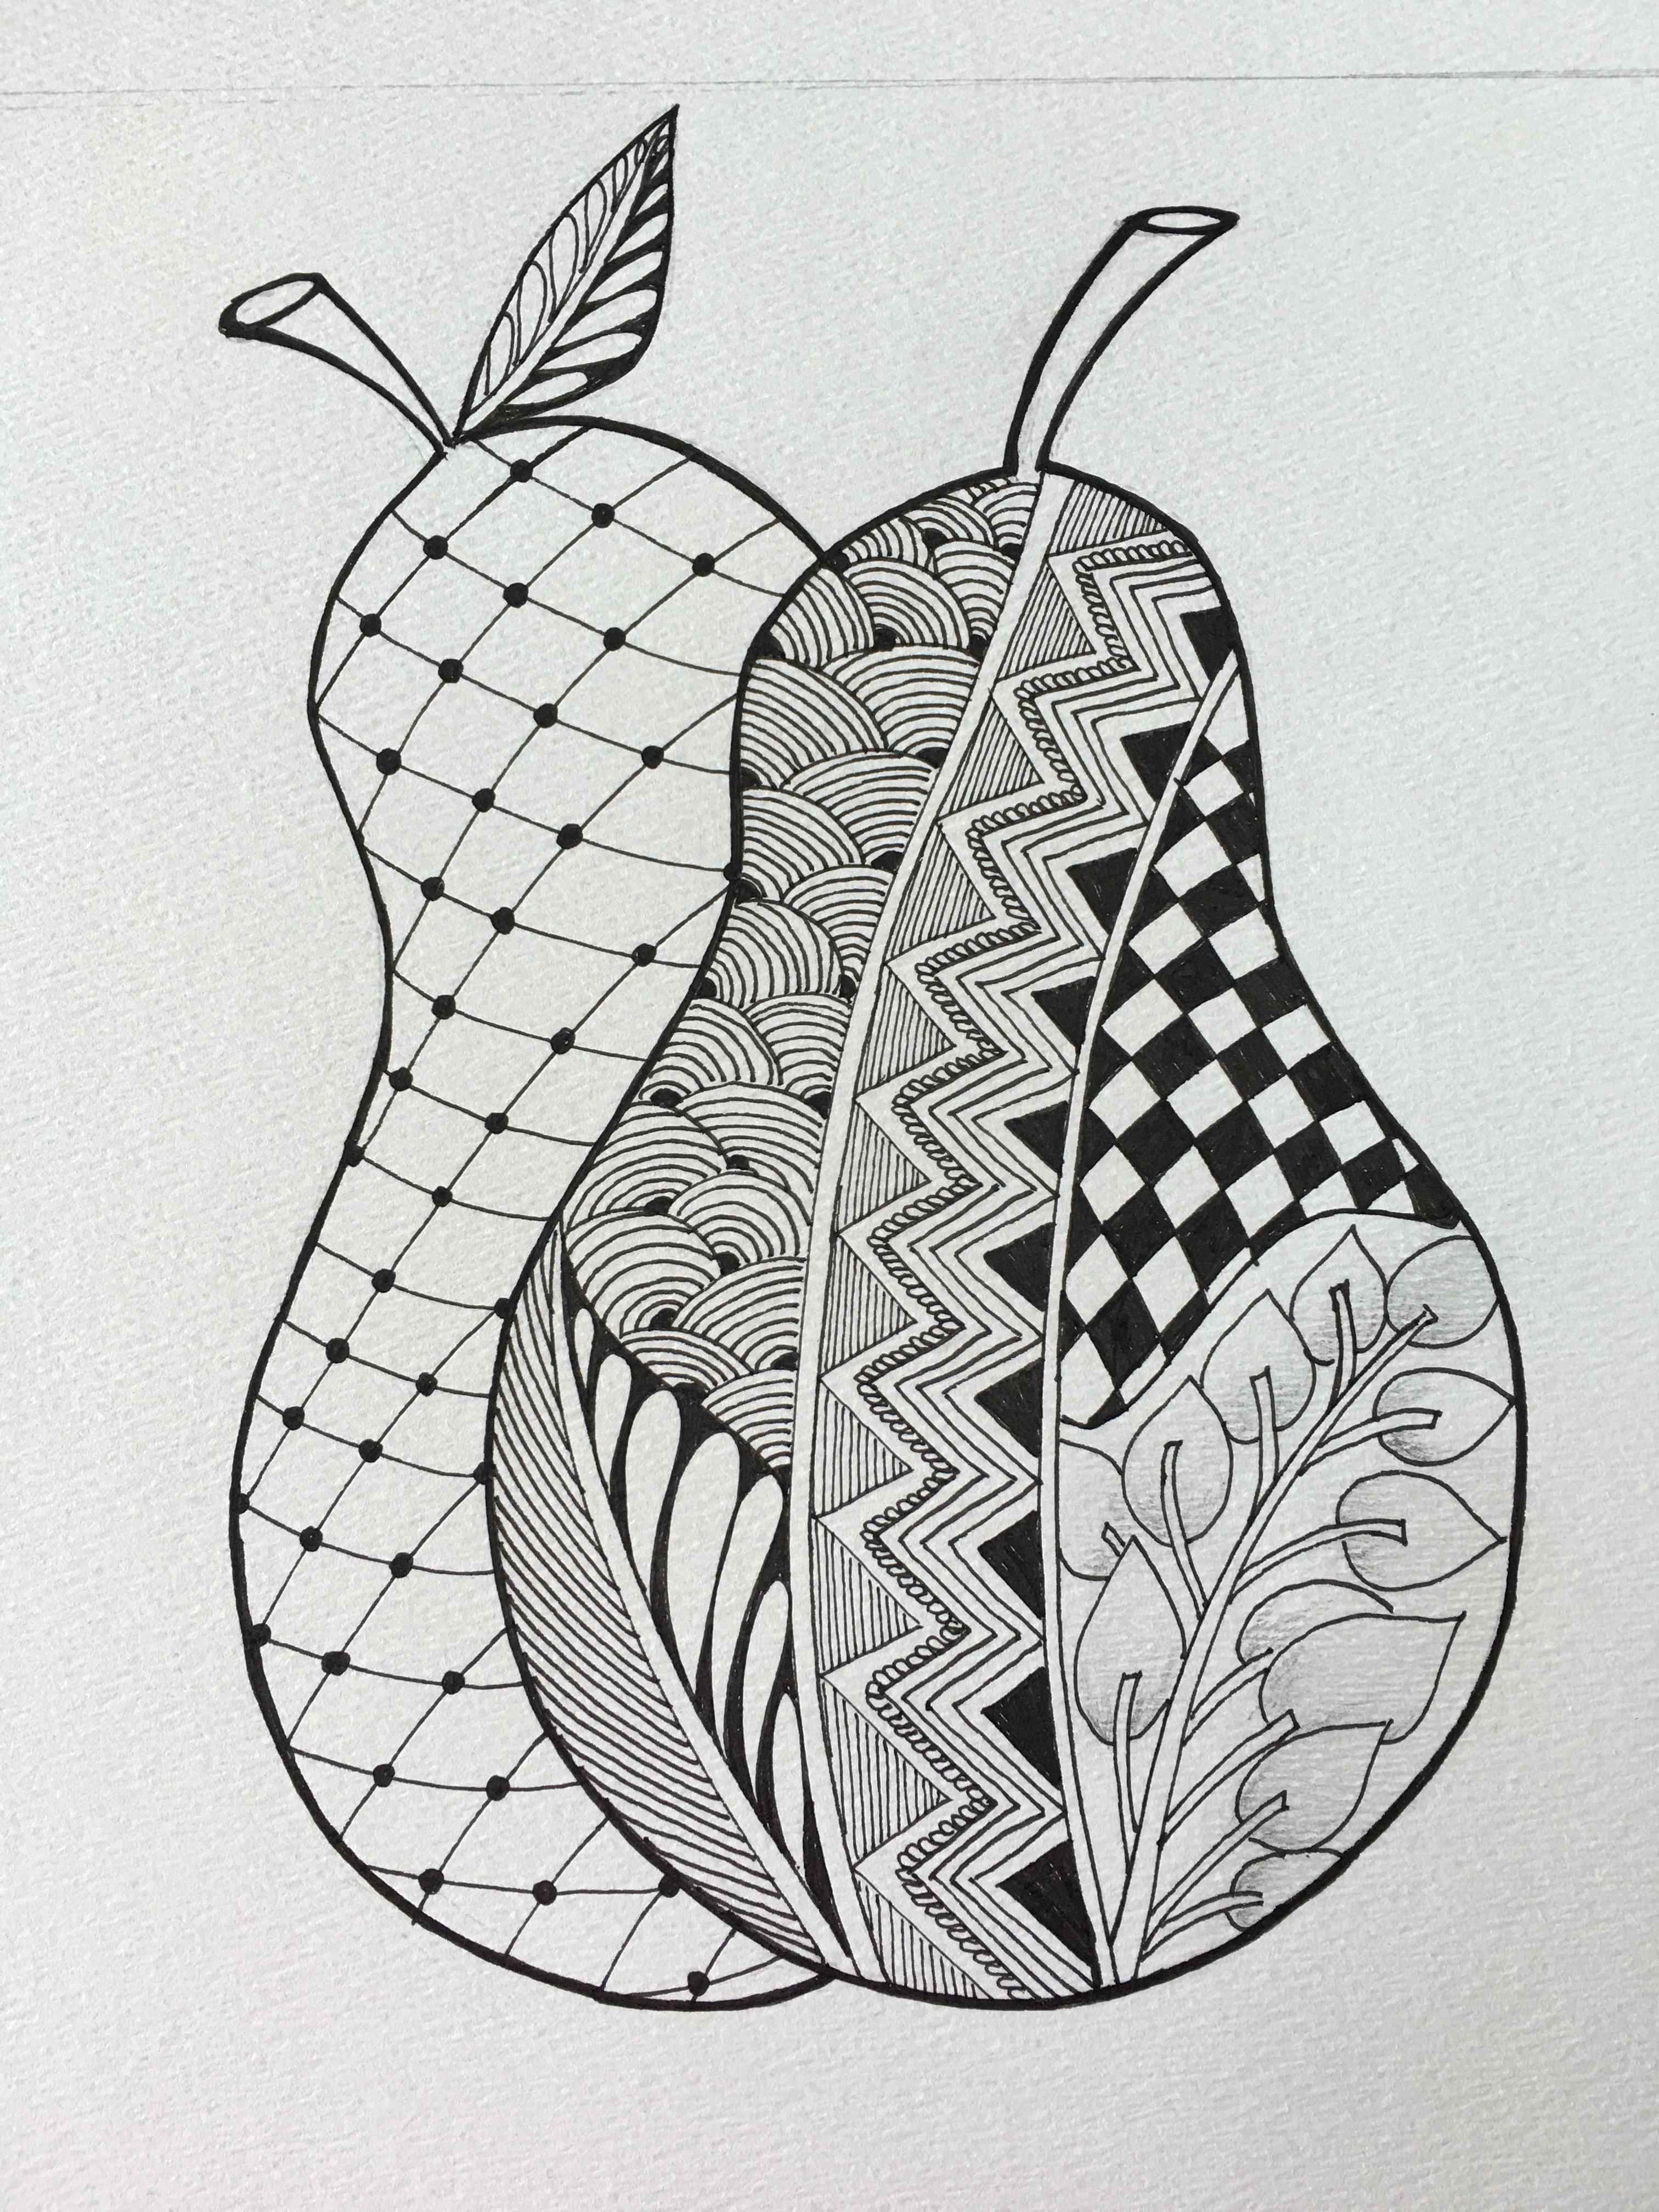 zentangle example